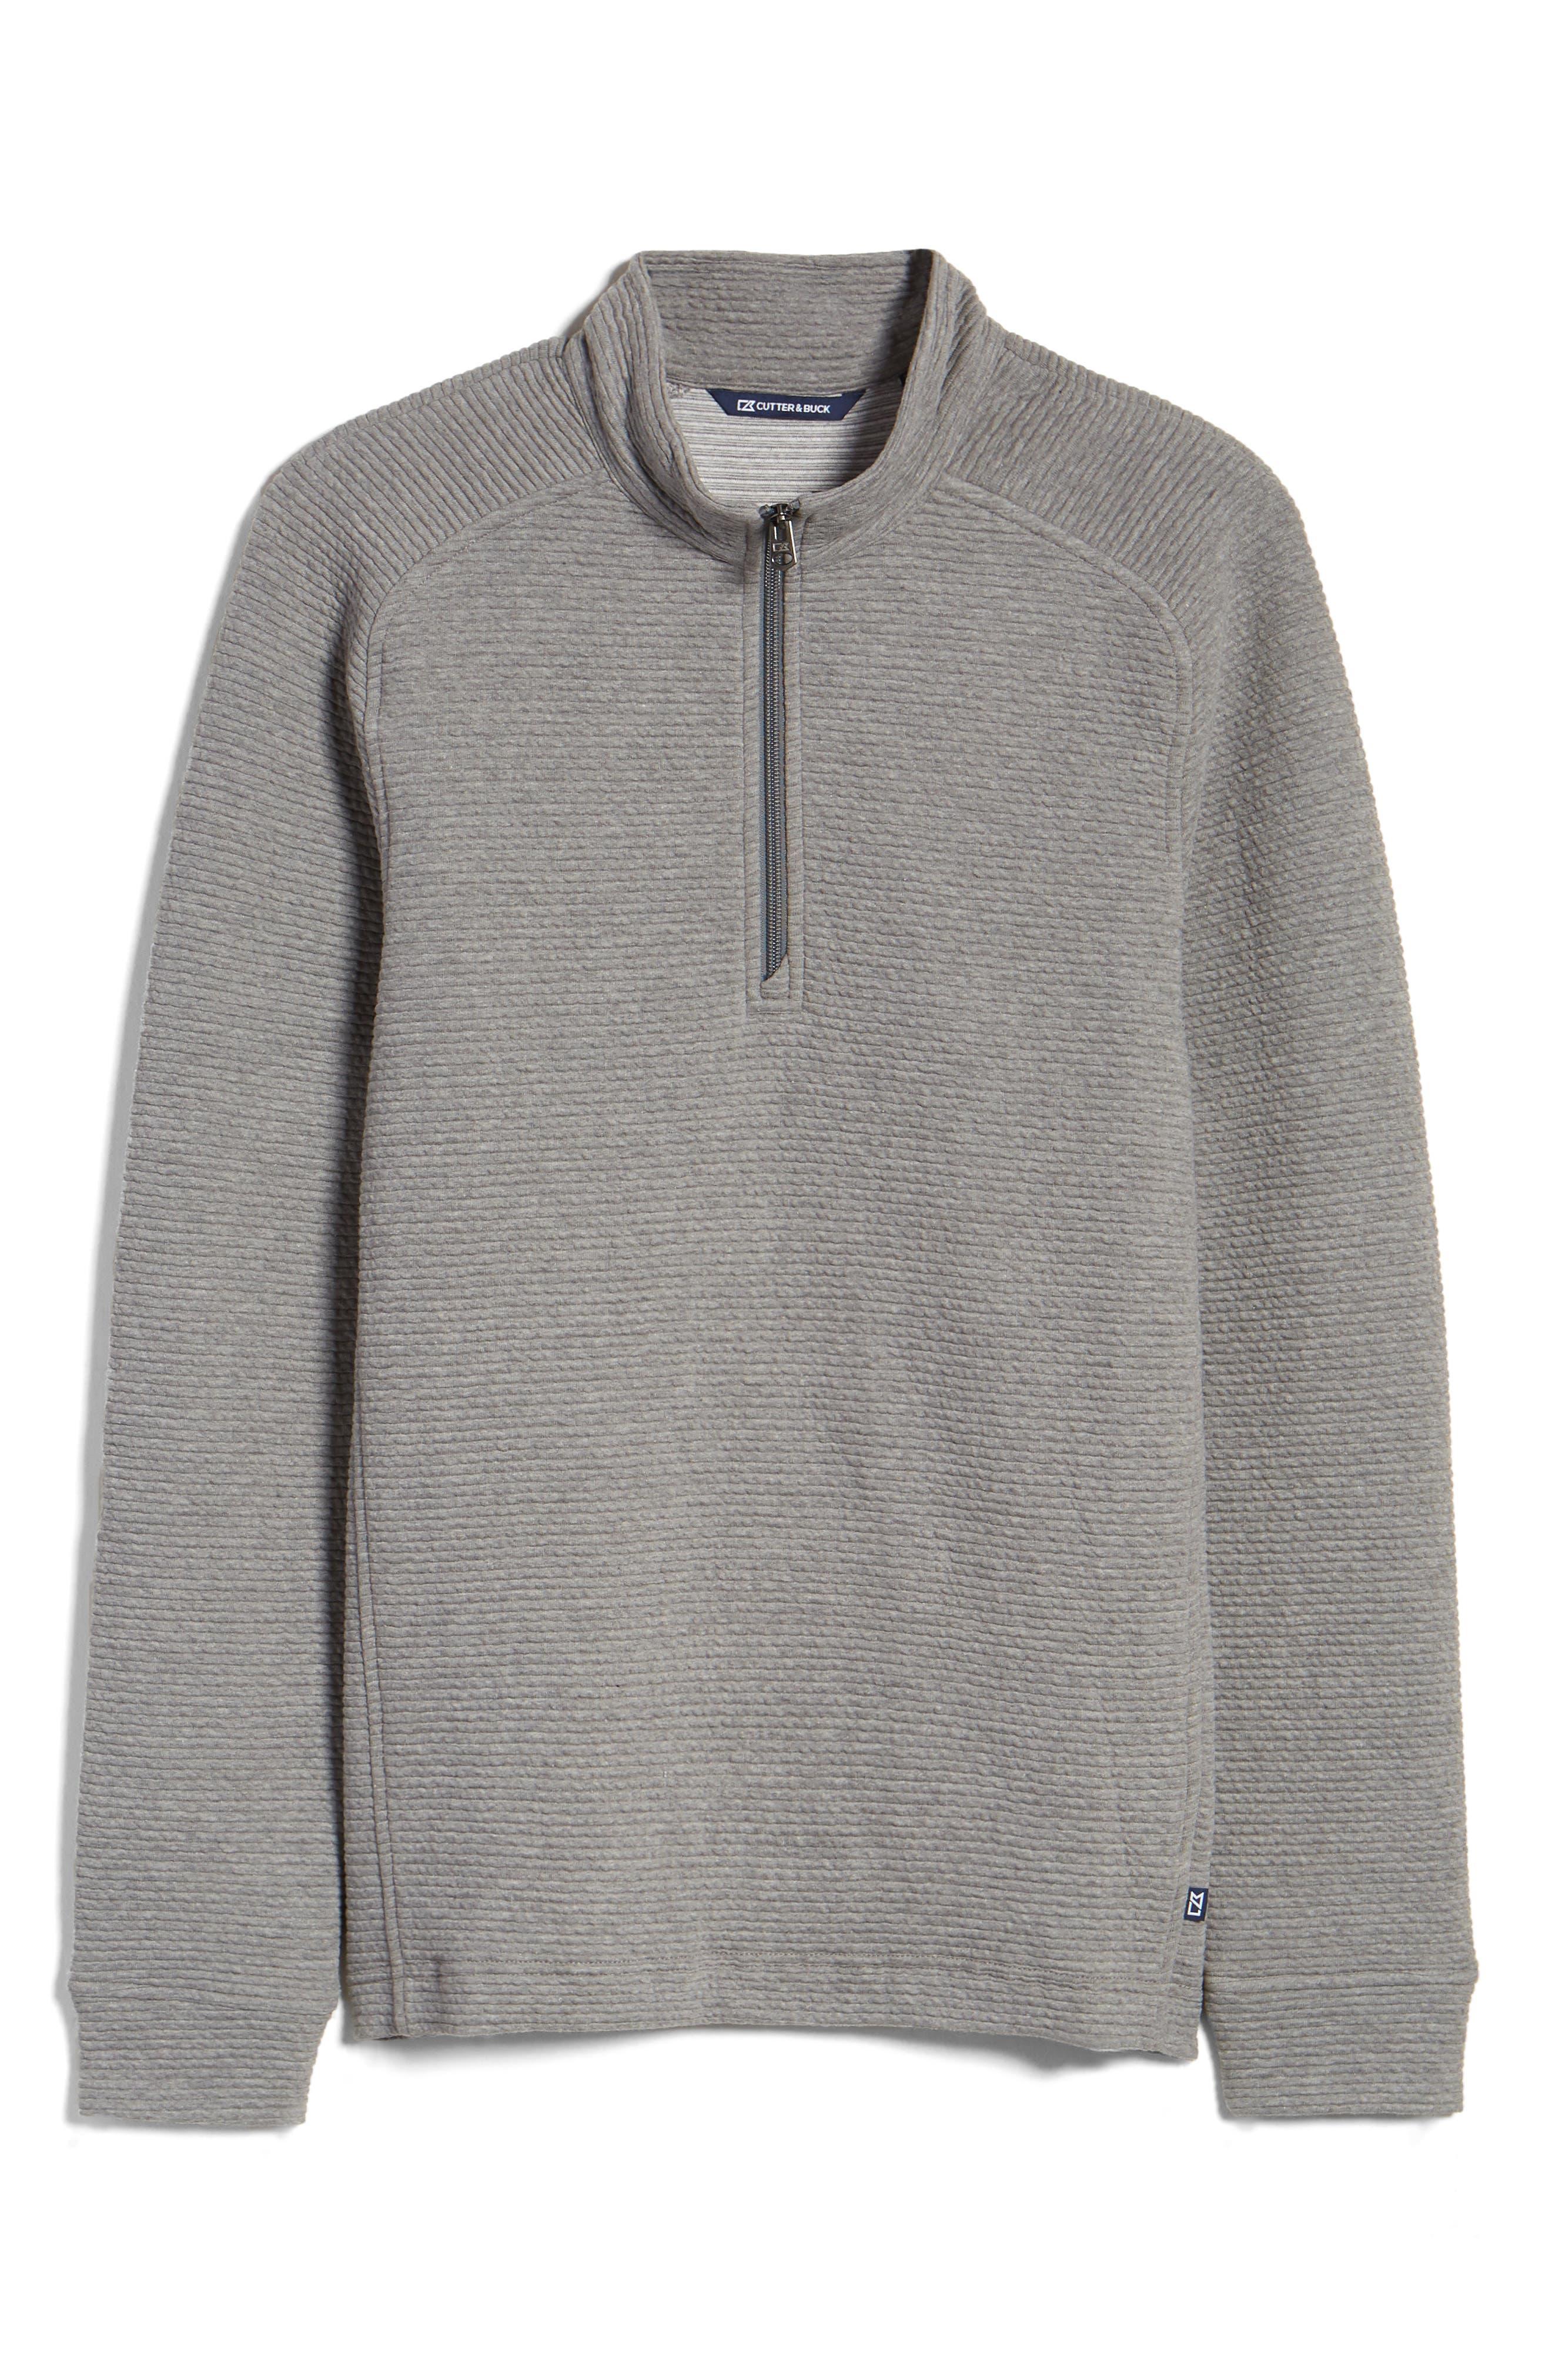 Coastal Ribbed Half Zip Pullover